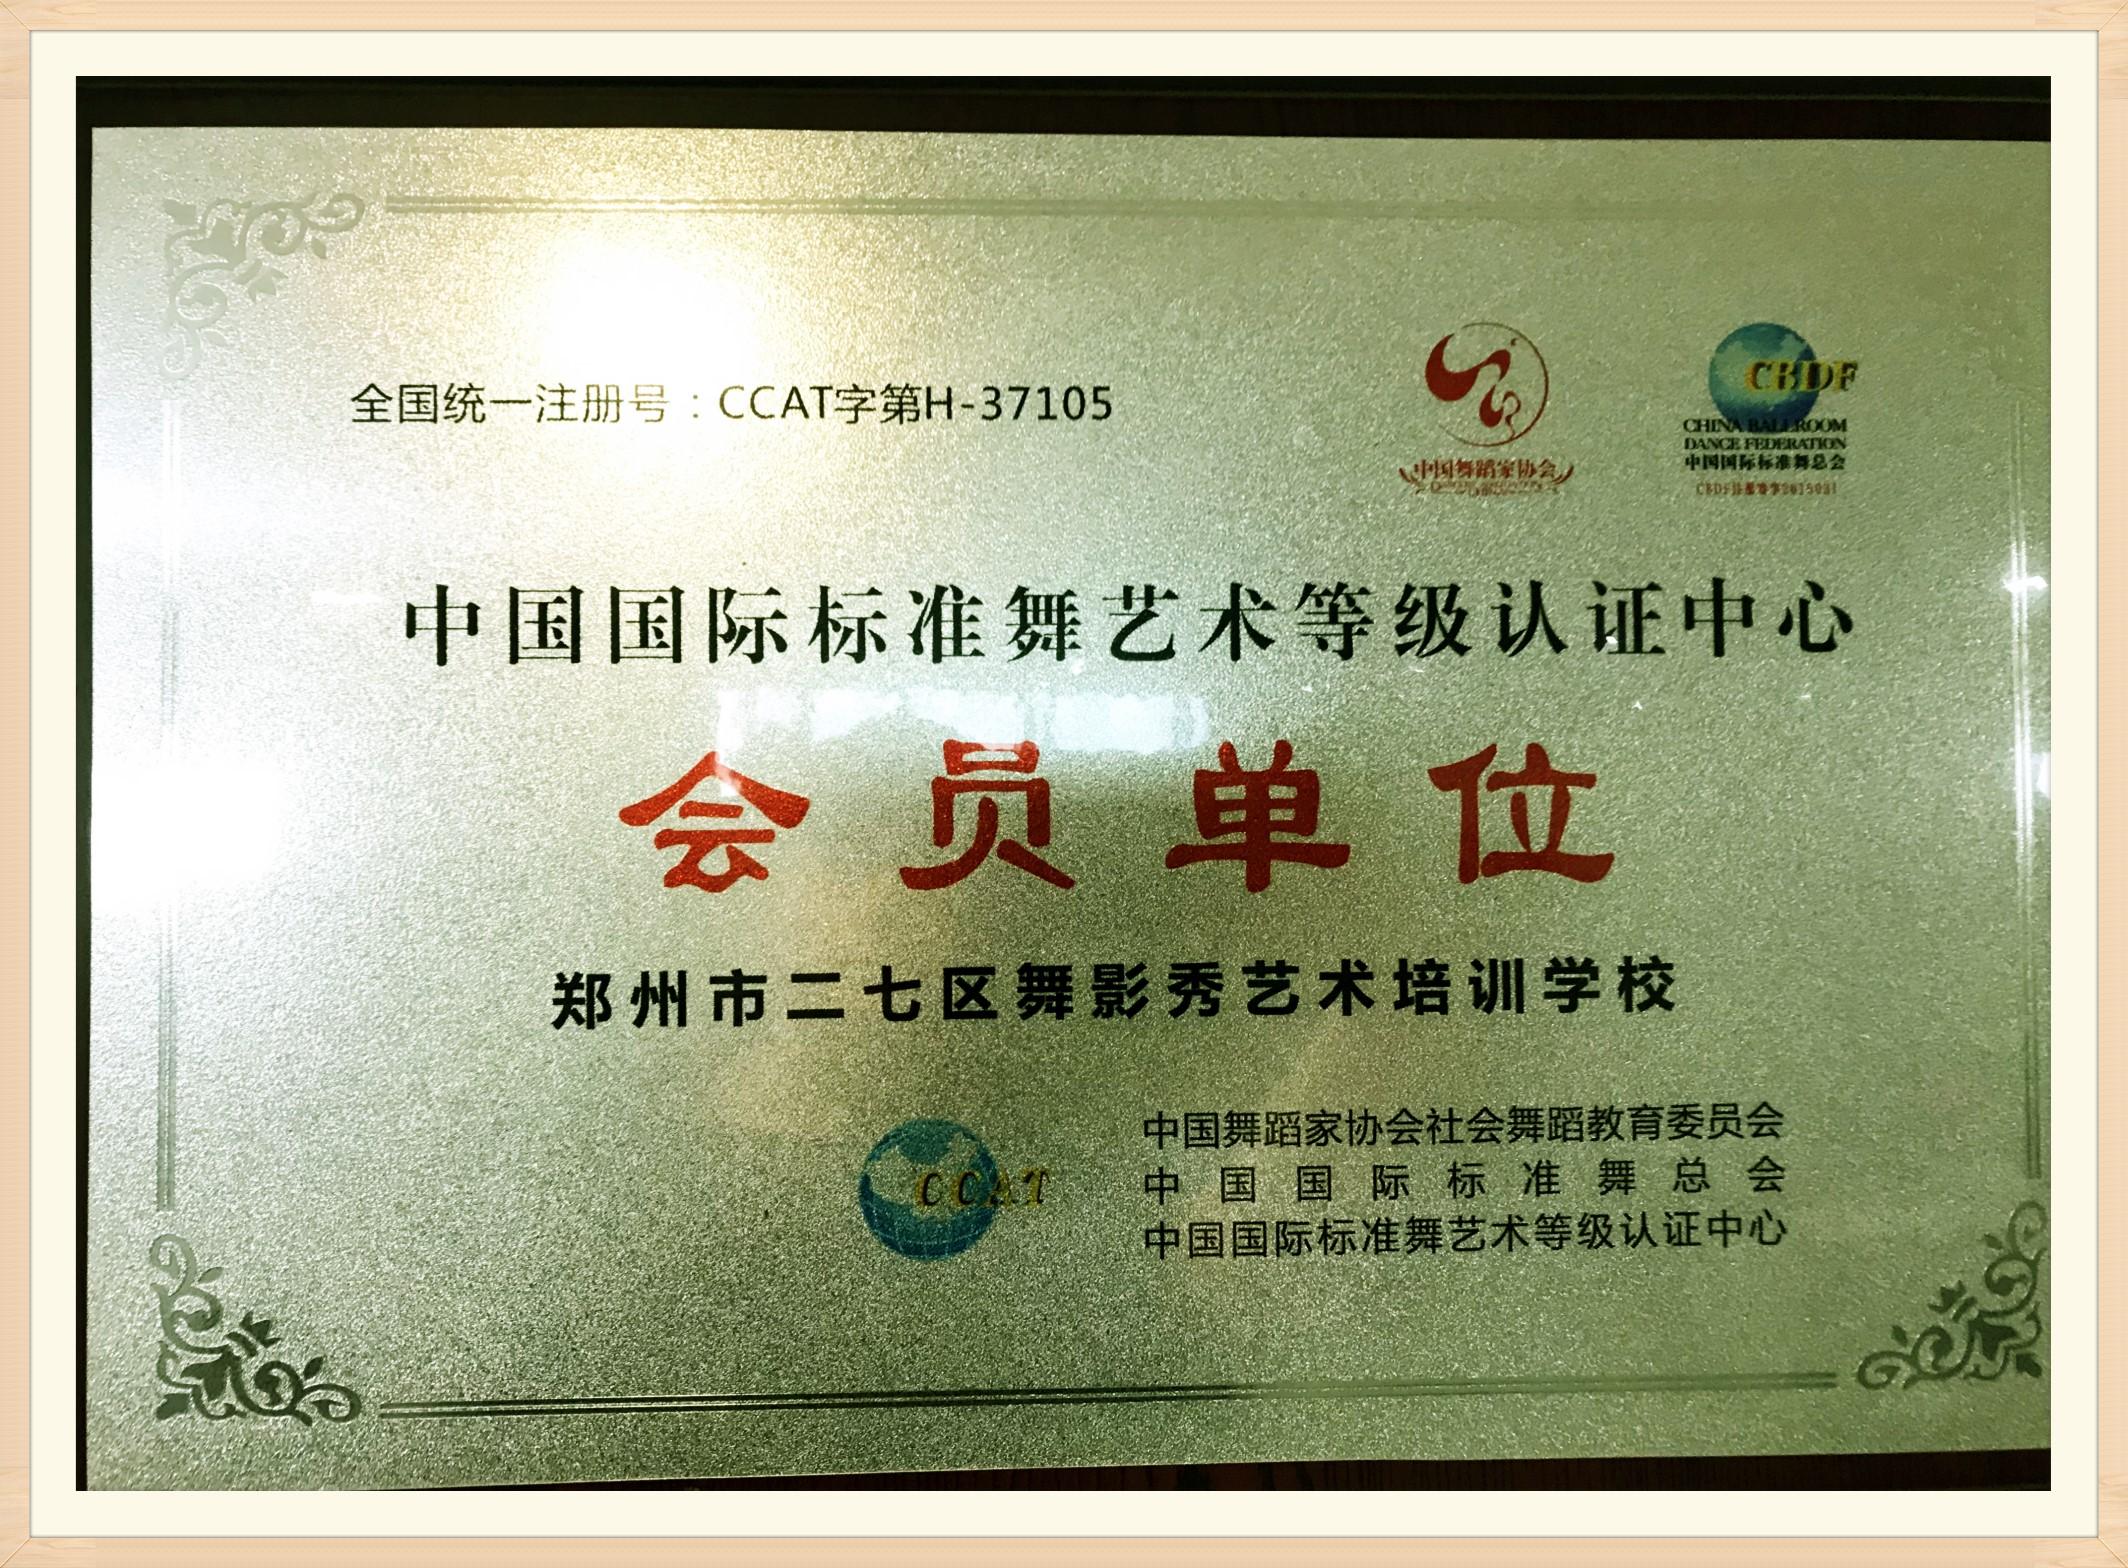 中国国际标准舞协会考级会员单位